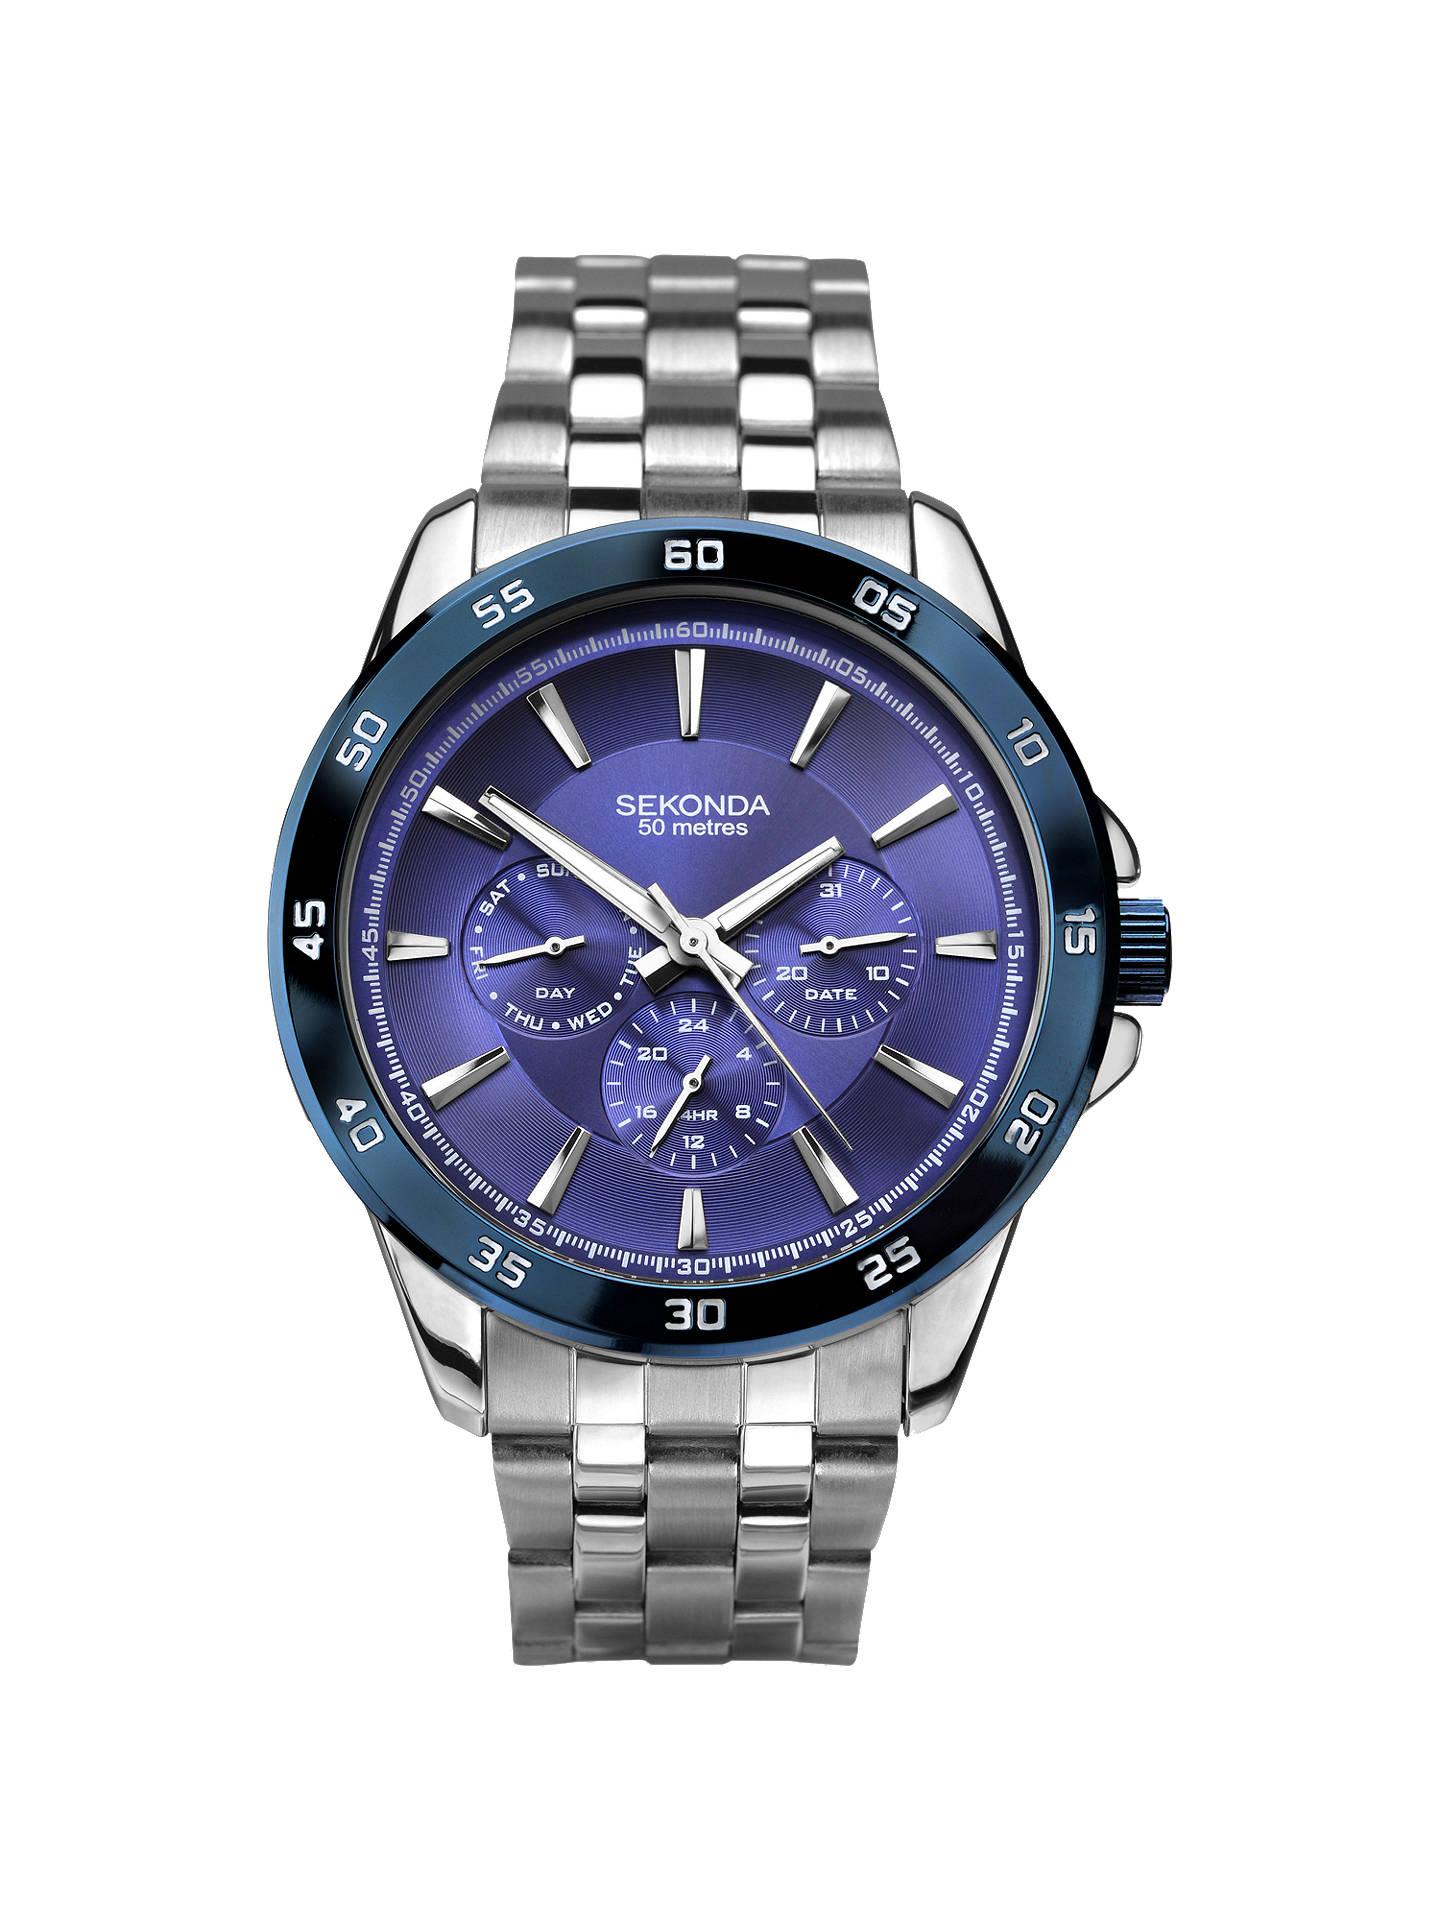 dd177188a8b4 Buy Sekonda 1391.27 Men s Chronograph Bracelet Strap Watch